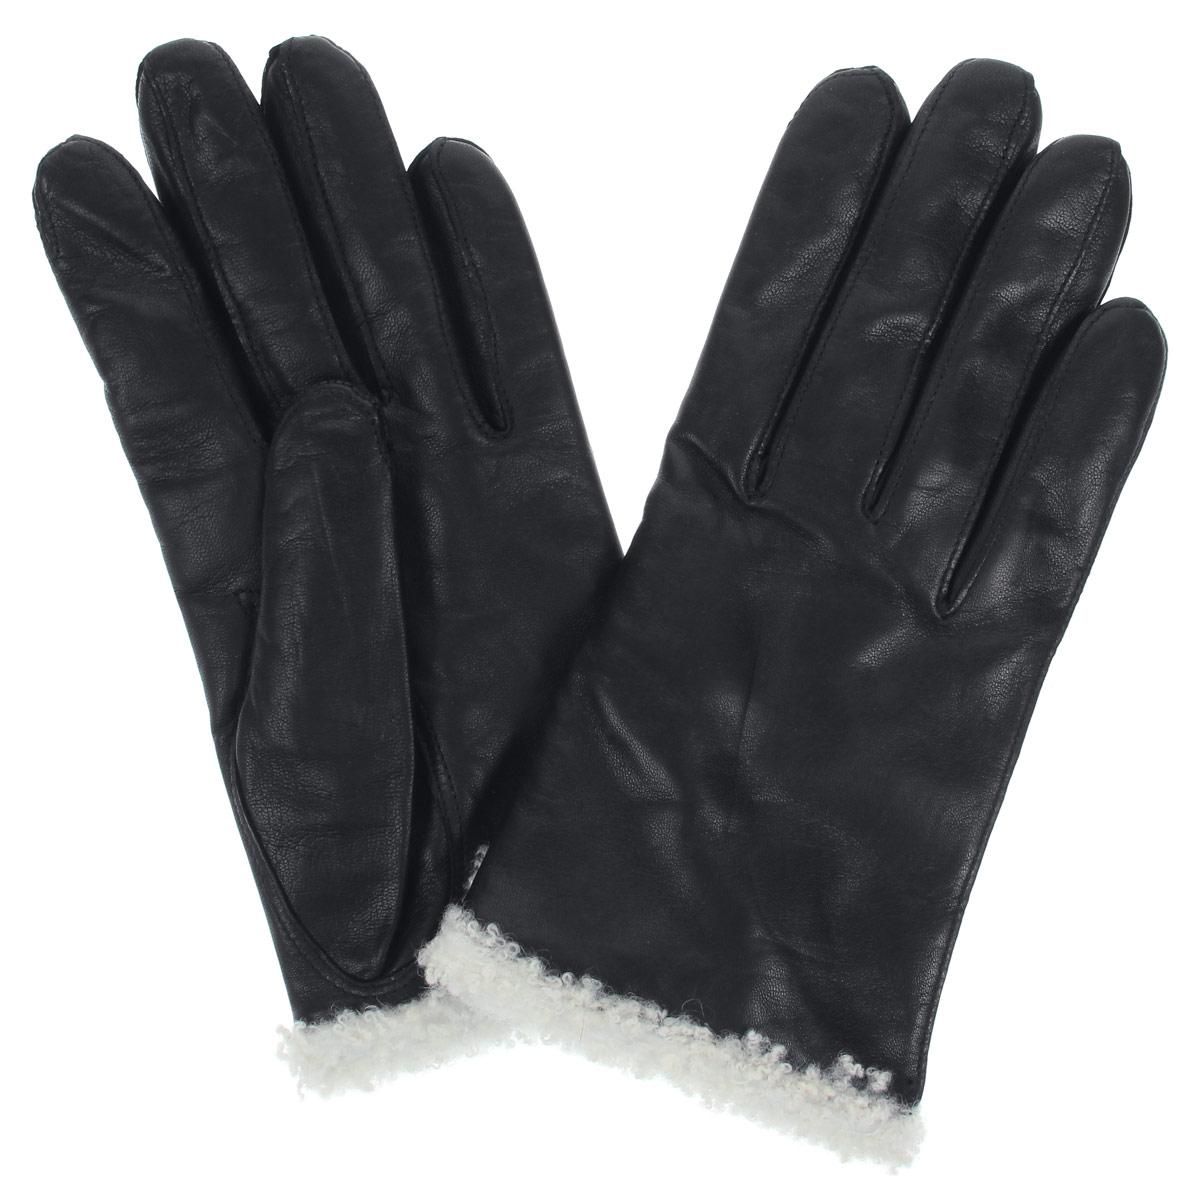 ПерчаткиDF12-2300.agneСтильные женские перчатки Bartoc не только защитят ваши руки от холода, но и станут великолепным украшением. Они выполнены из мягкой и приятной на ощупь натуральной кожи ягненка, подкладка - из шерсти. Декорированы перчатки по краю оторочкой из шерсти ягненка. На тыльной стороне изделия имеется небольшой разрез. Укороченная, но теплая модель, особо удобна автомобилистам зимой. Перчатки являются неотъемлемой принадлежностью одежды, вместе с этим аксессуаром вы обретаете женственность и элегантность. Они станут завершающим и подчеркивающим элементом вашего неповторимого стиля и индивидуальности.